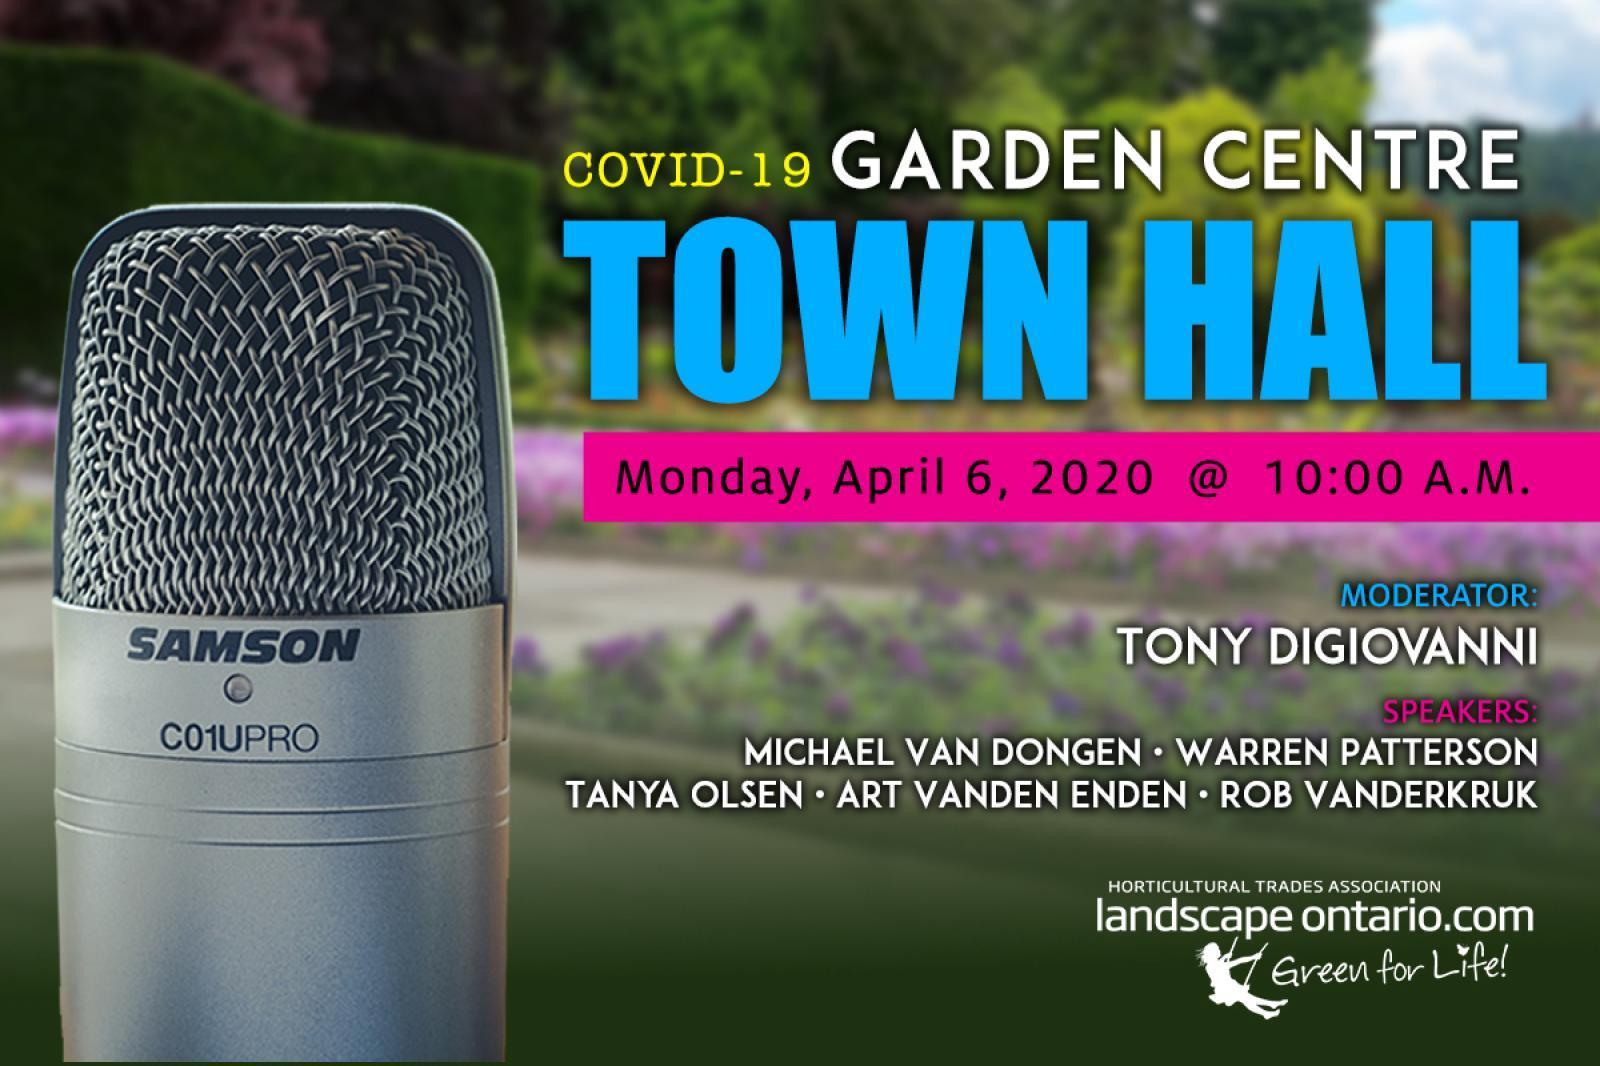 COVID-19 Town Hall Webinar for Garden Centres